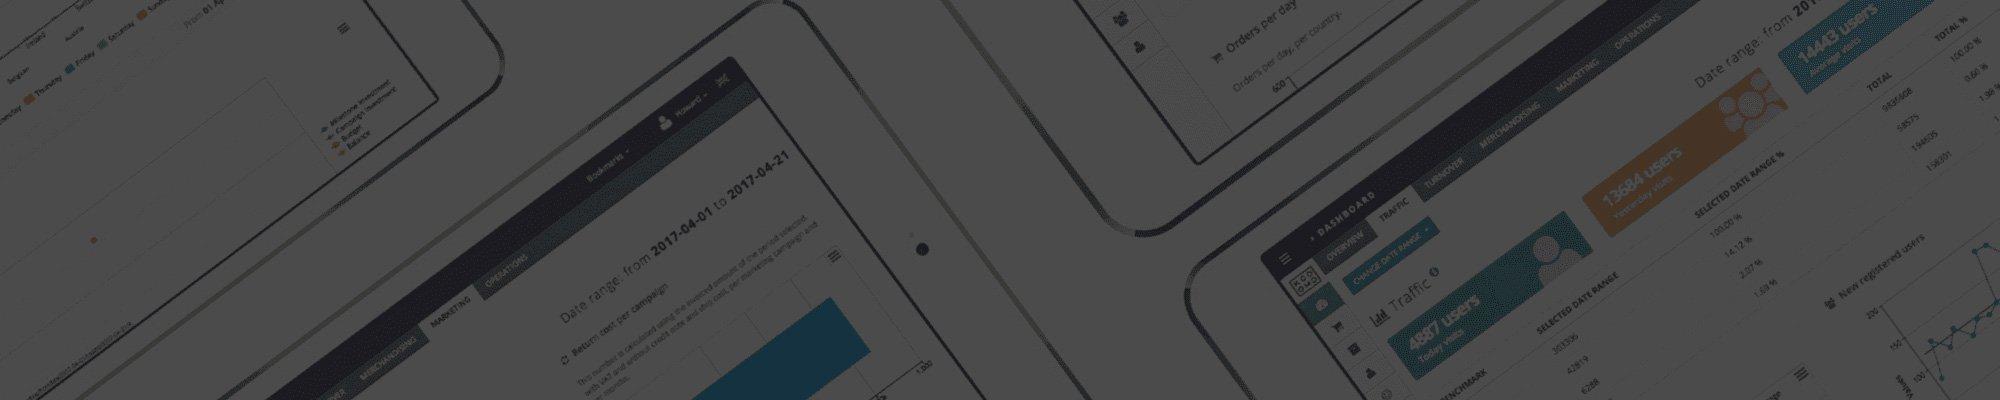 Kooomo Digital Commerce Platform Overview